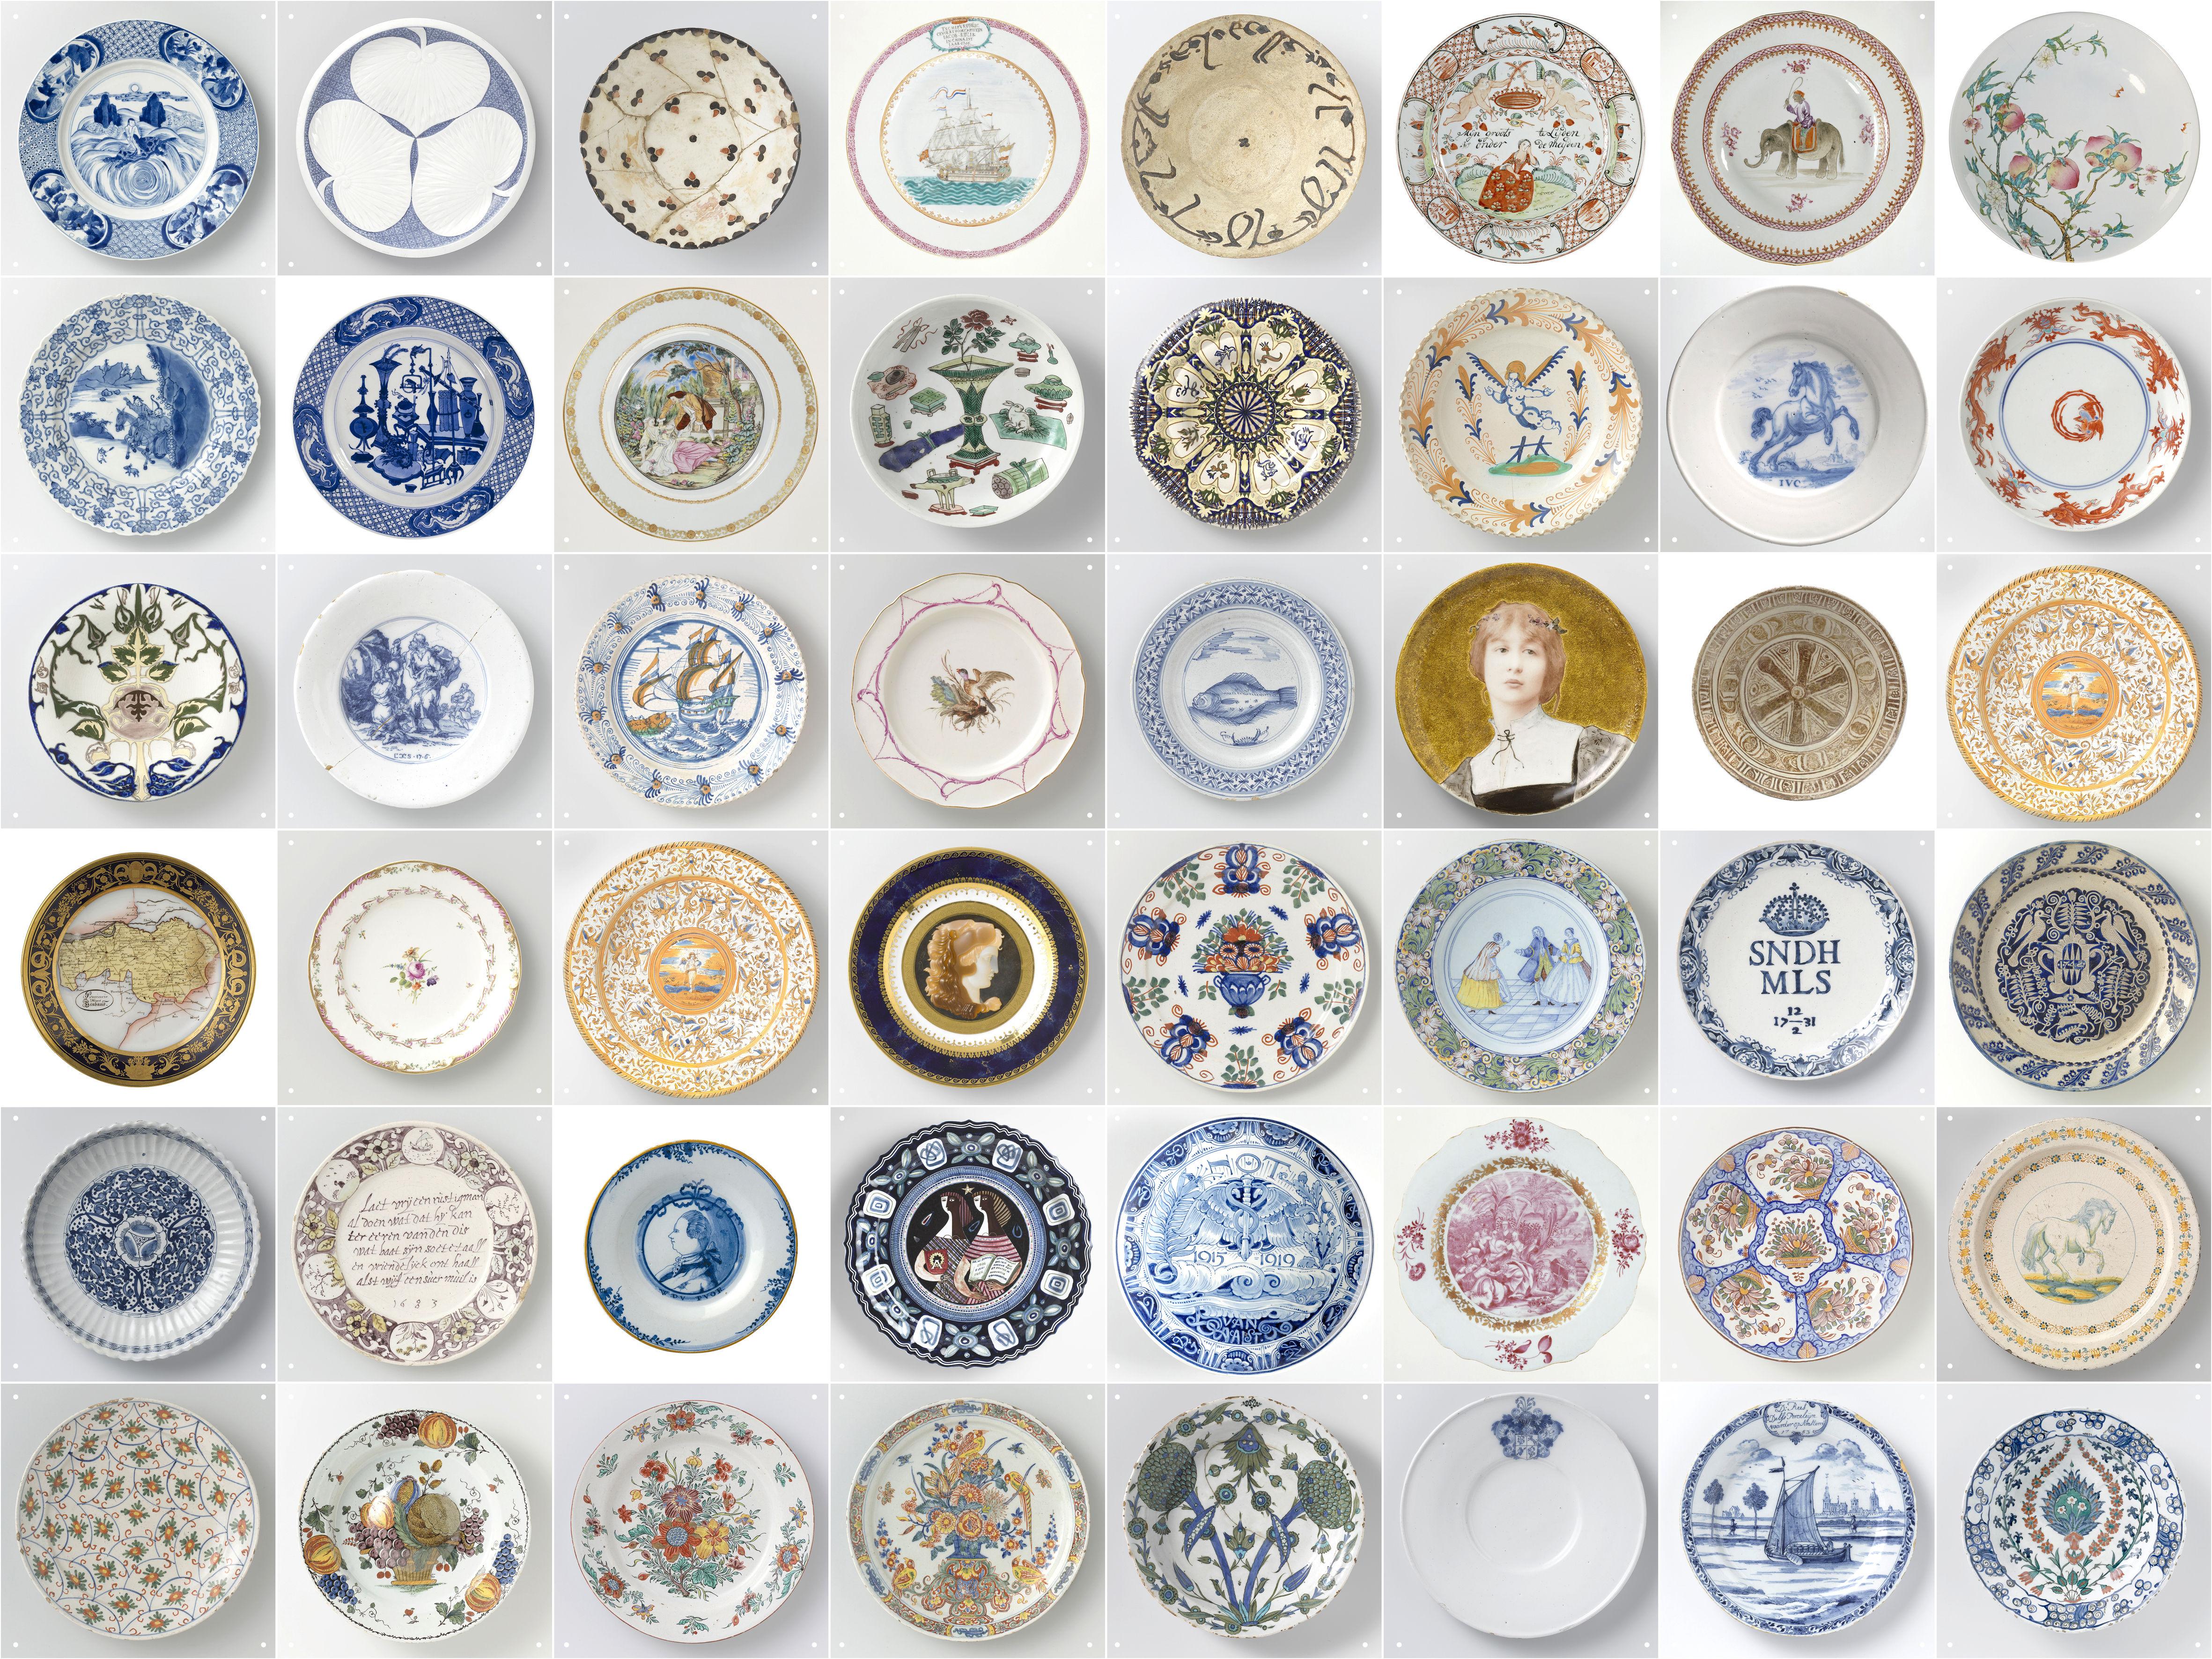 Déco - Objets déco et cadres-photos - Panneau décoratif Assiettes Rijksmuseum / 2 m² - ixxi - Multicolore / Assiettes - Papier synthétique